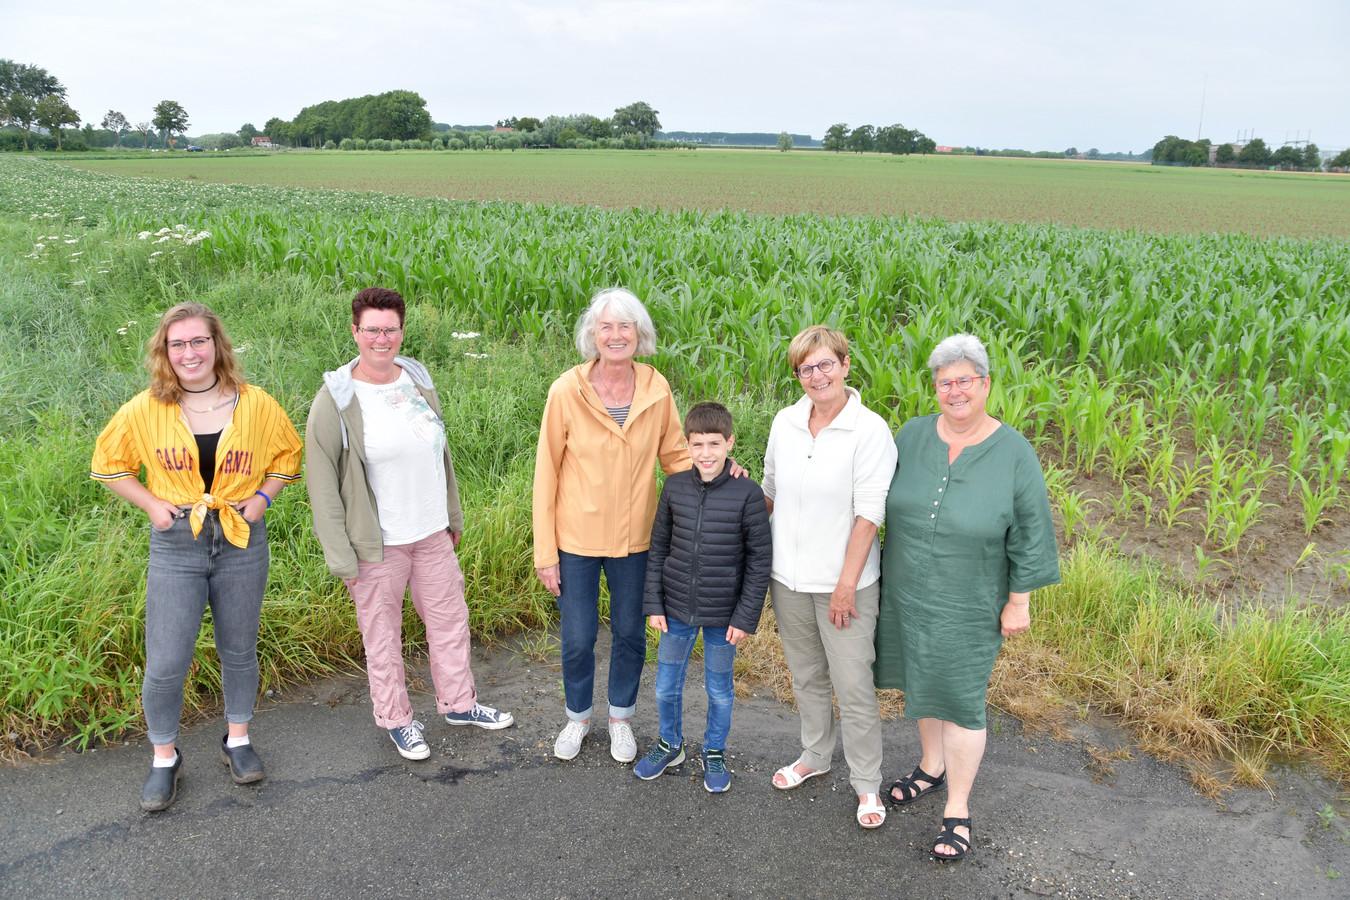 Omwonenden zijn tegen het zonnepark dat aan de Maaidijk (het veld in de achtergrond) in Oostburg moet komen. Tonny Schoone staat tweede van rechts.